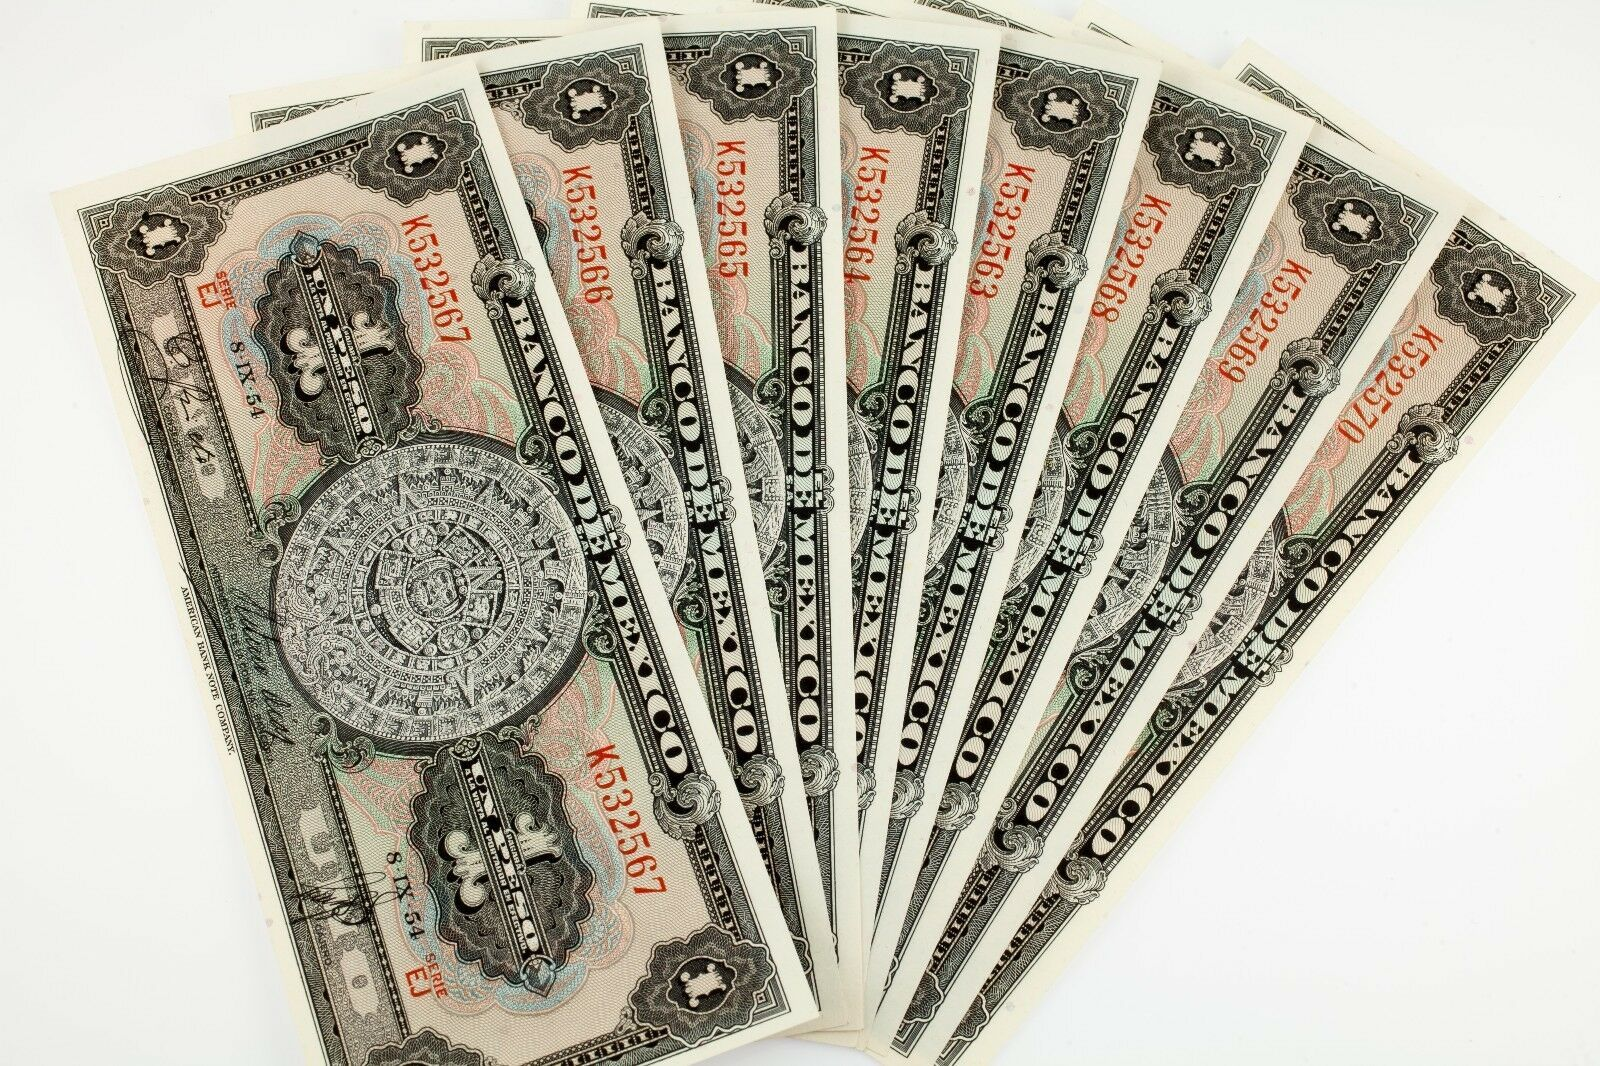 Lote de 8 1954 México 1 Peso Notas (Sequentially Numerada) UNC Estado P# 56b